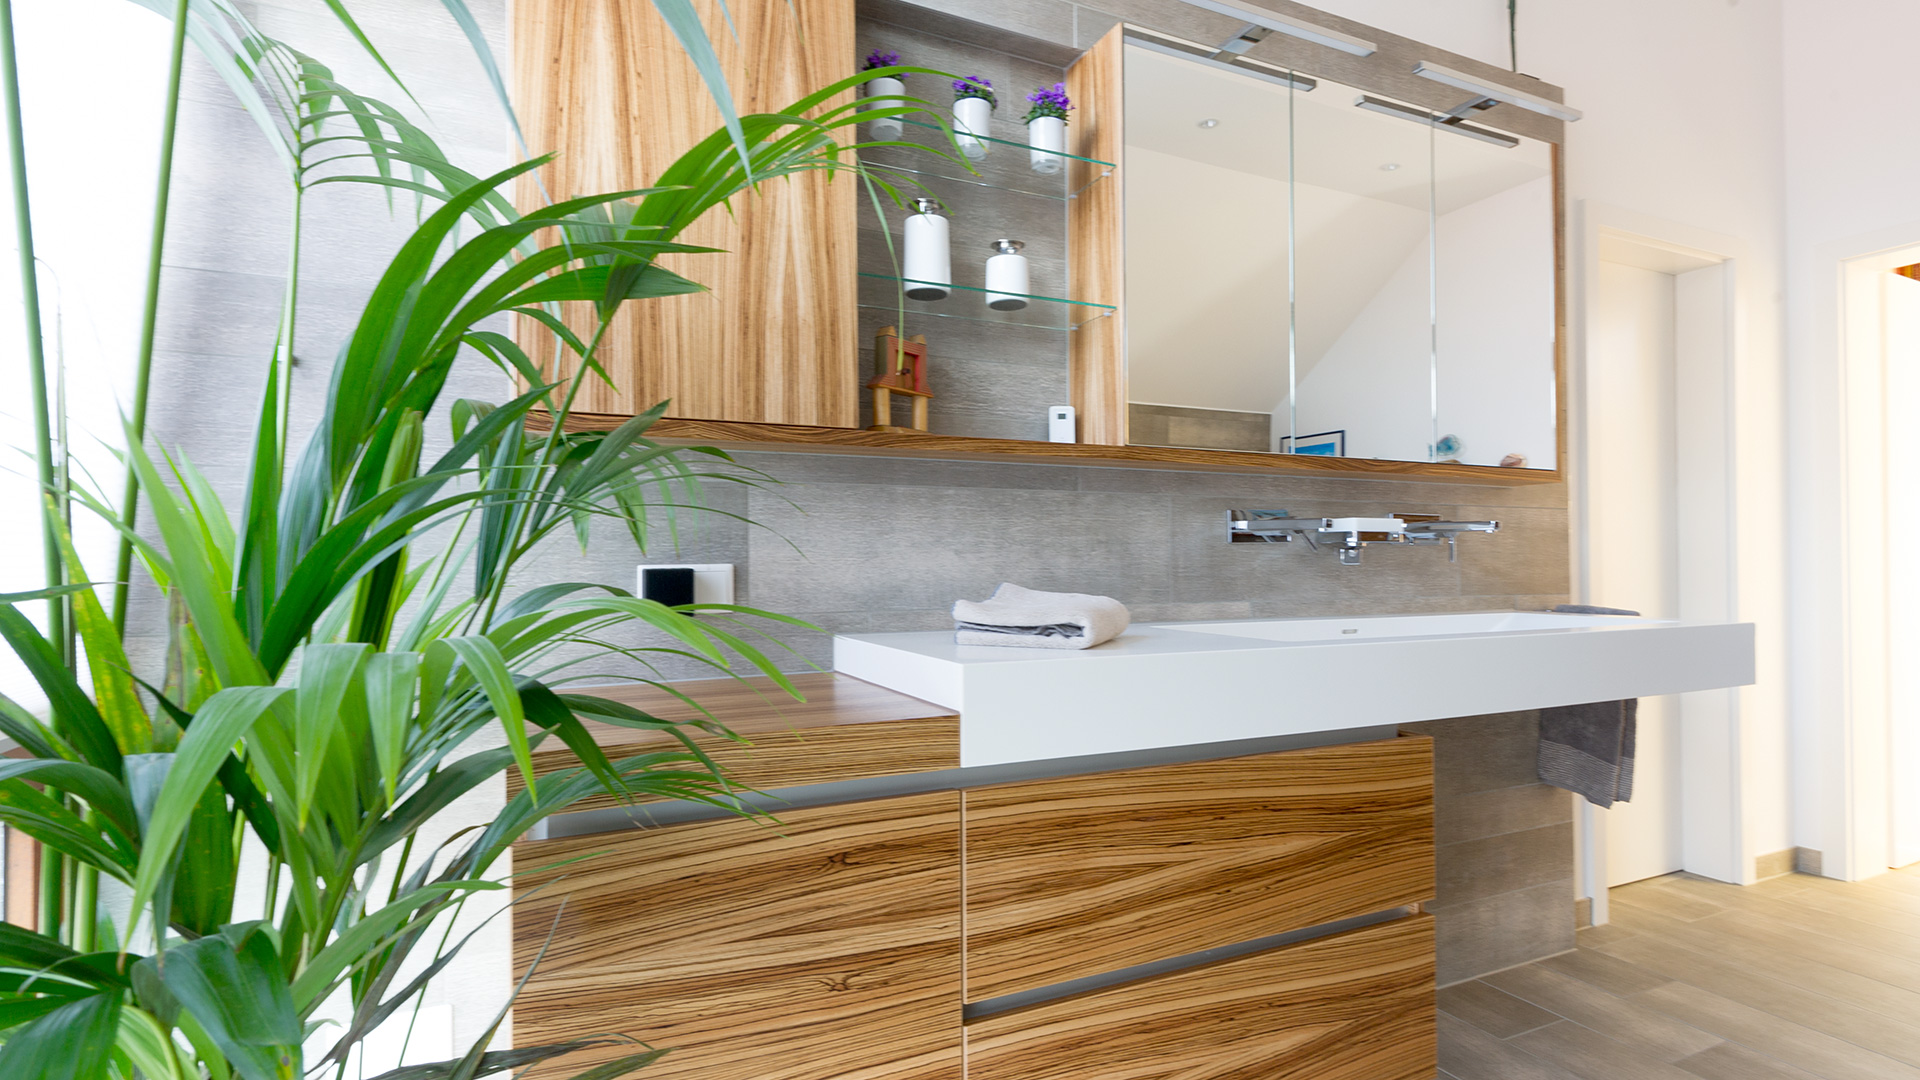 besondere Waschtischanlage in Holz mit Palme in Borken